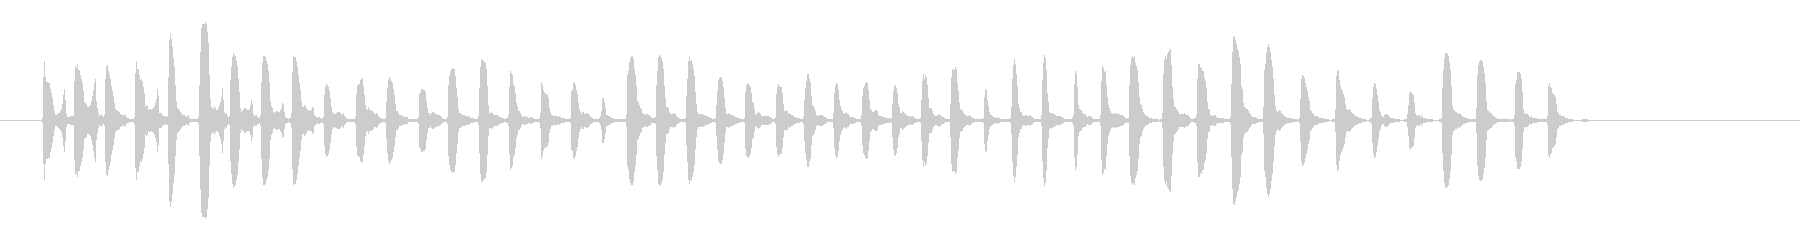 ホーンホーン-ホーンホーン、ノイズ...の未再生の波形